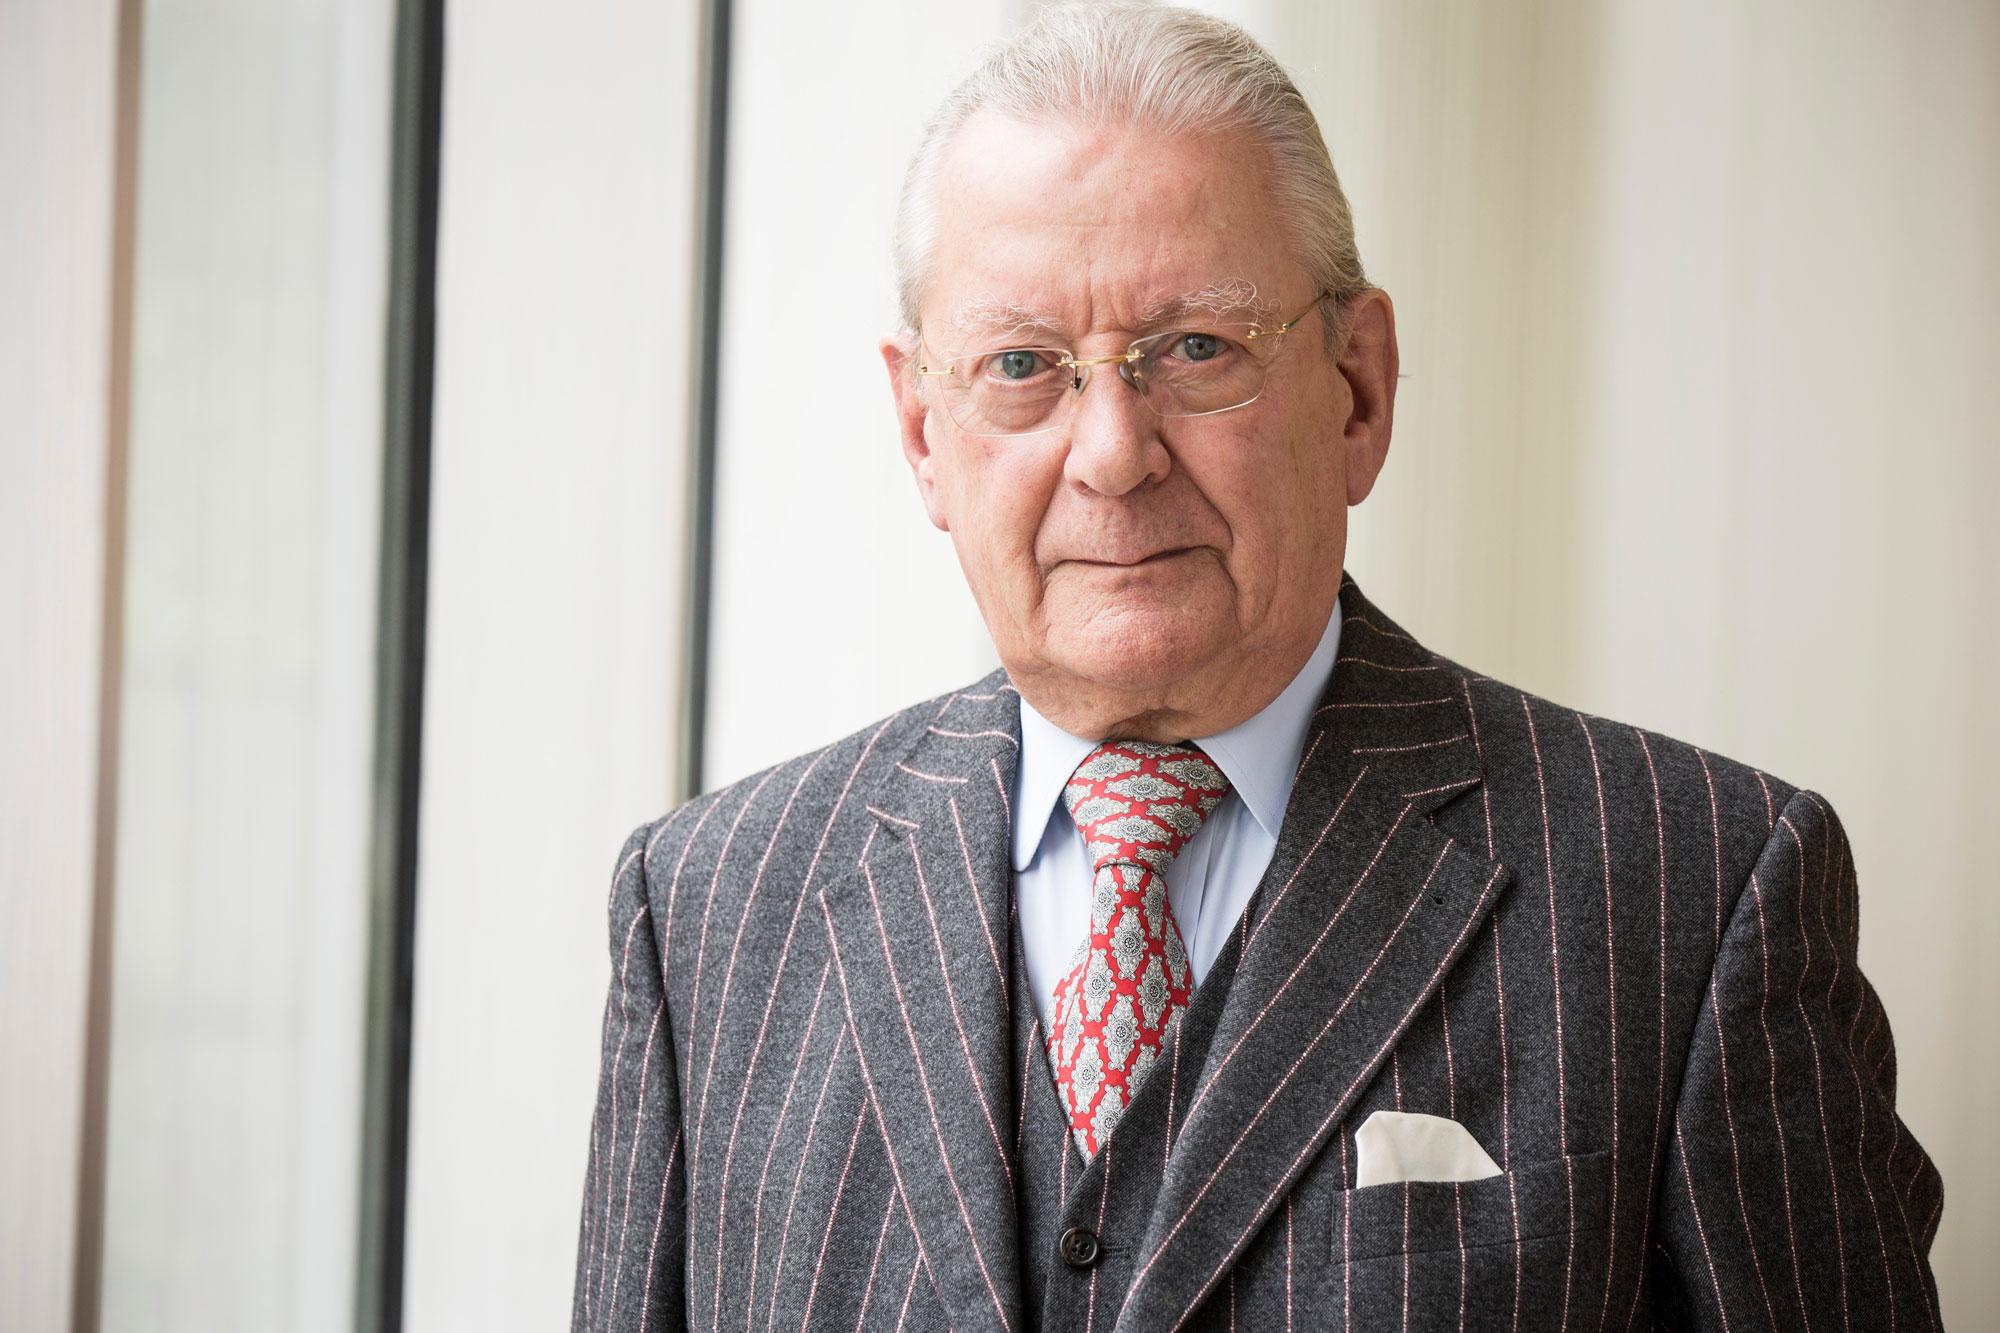 Unternehmer Hans Peter Stihl wird mit dem Aachener Ingenieurpreis ausgezeichnet (Foto: Stihl)